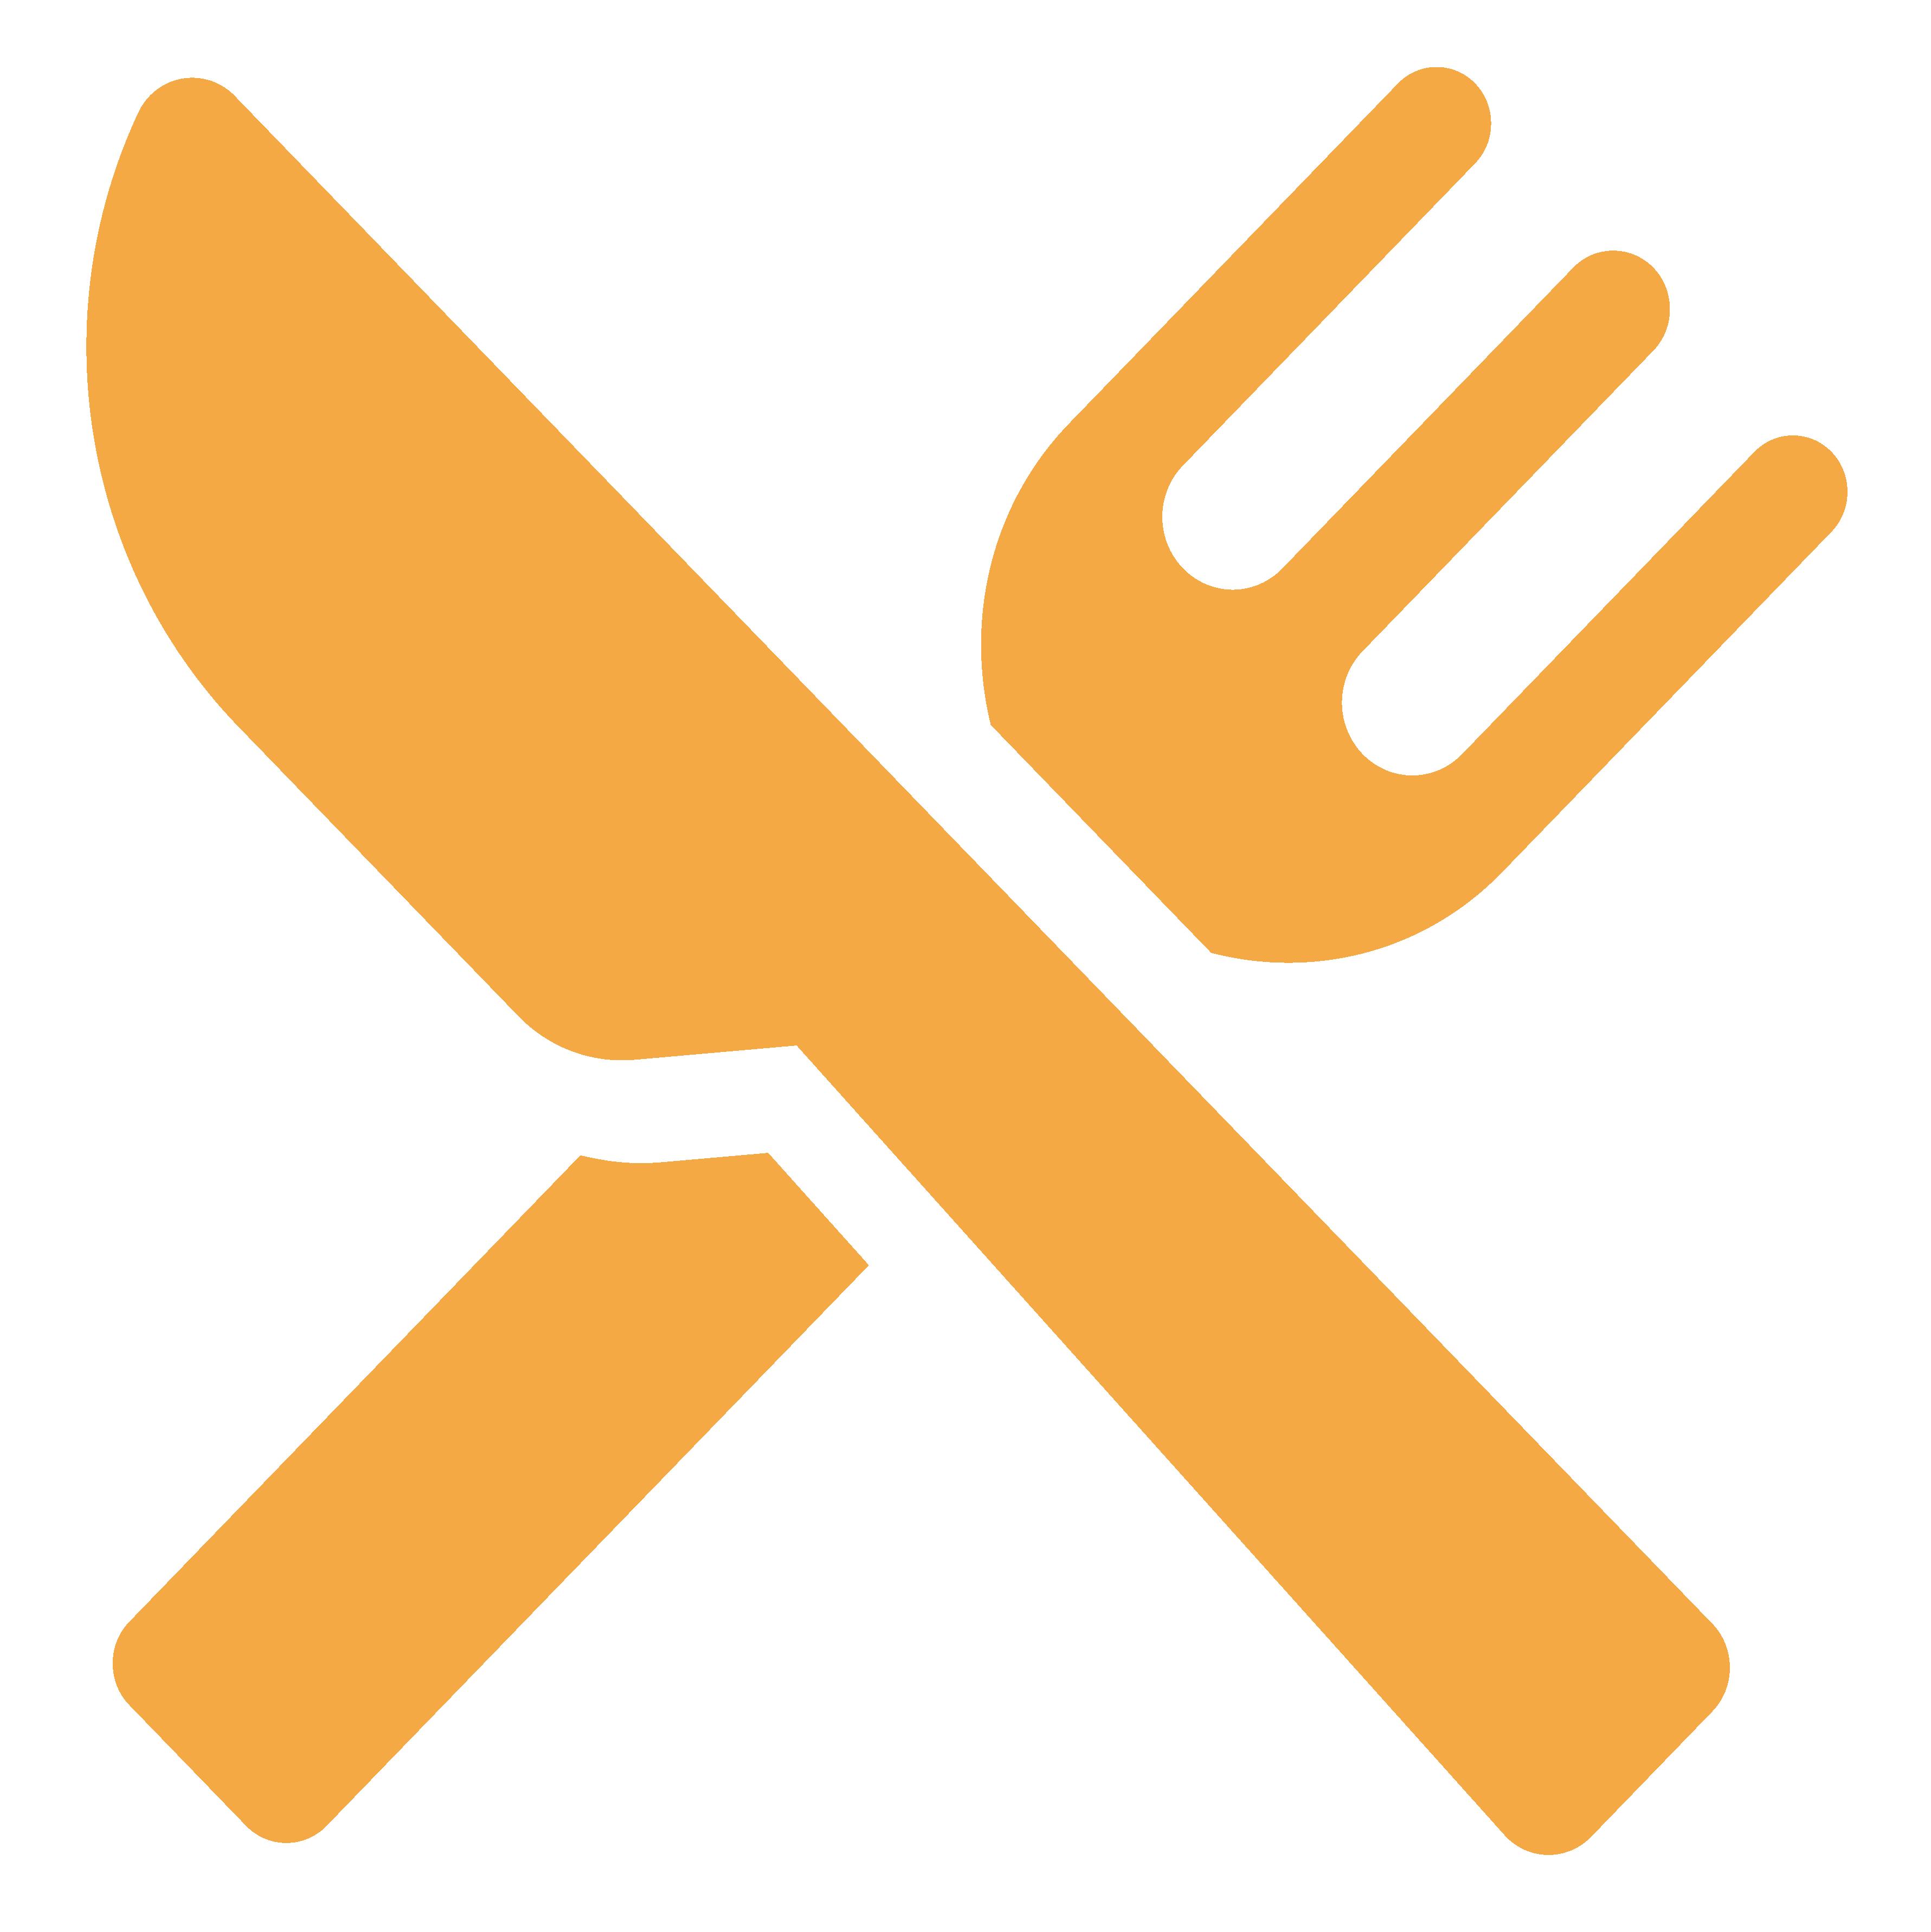 jídlo ikona